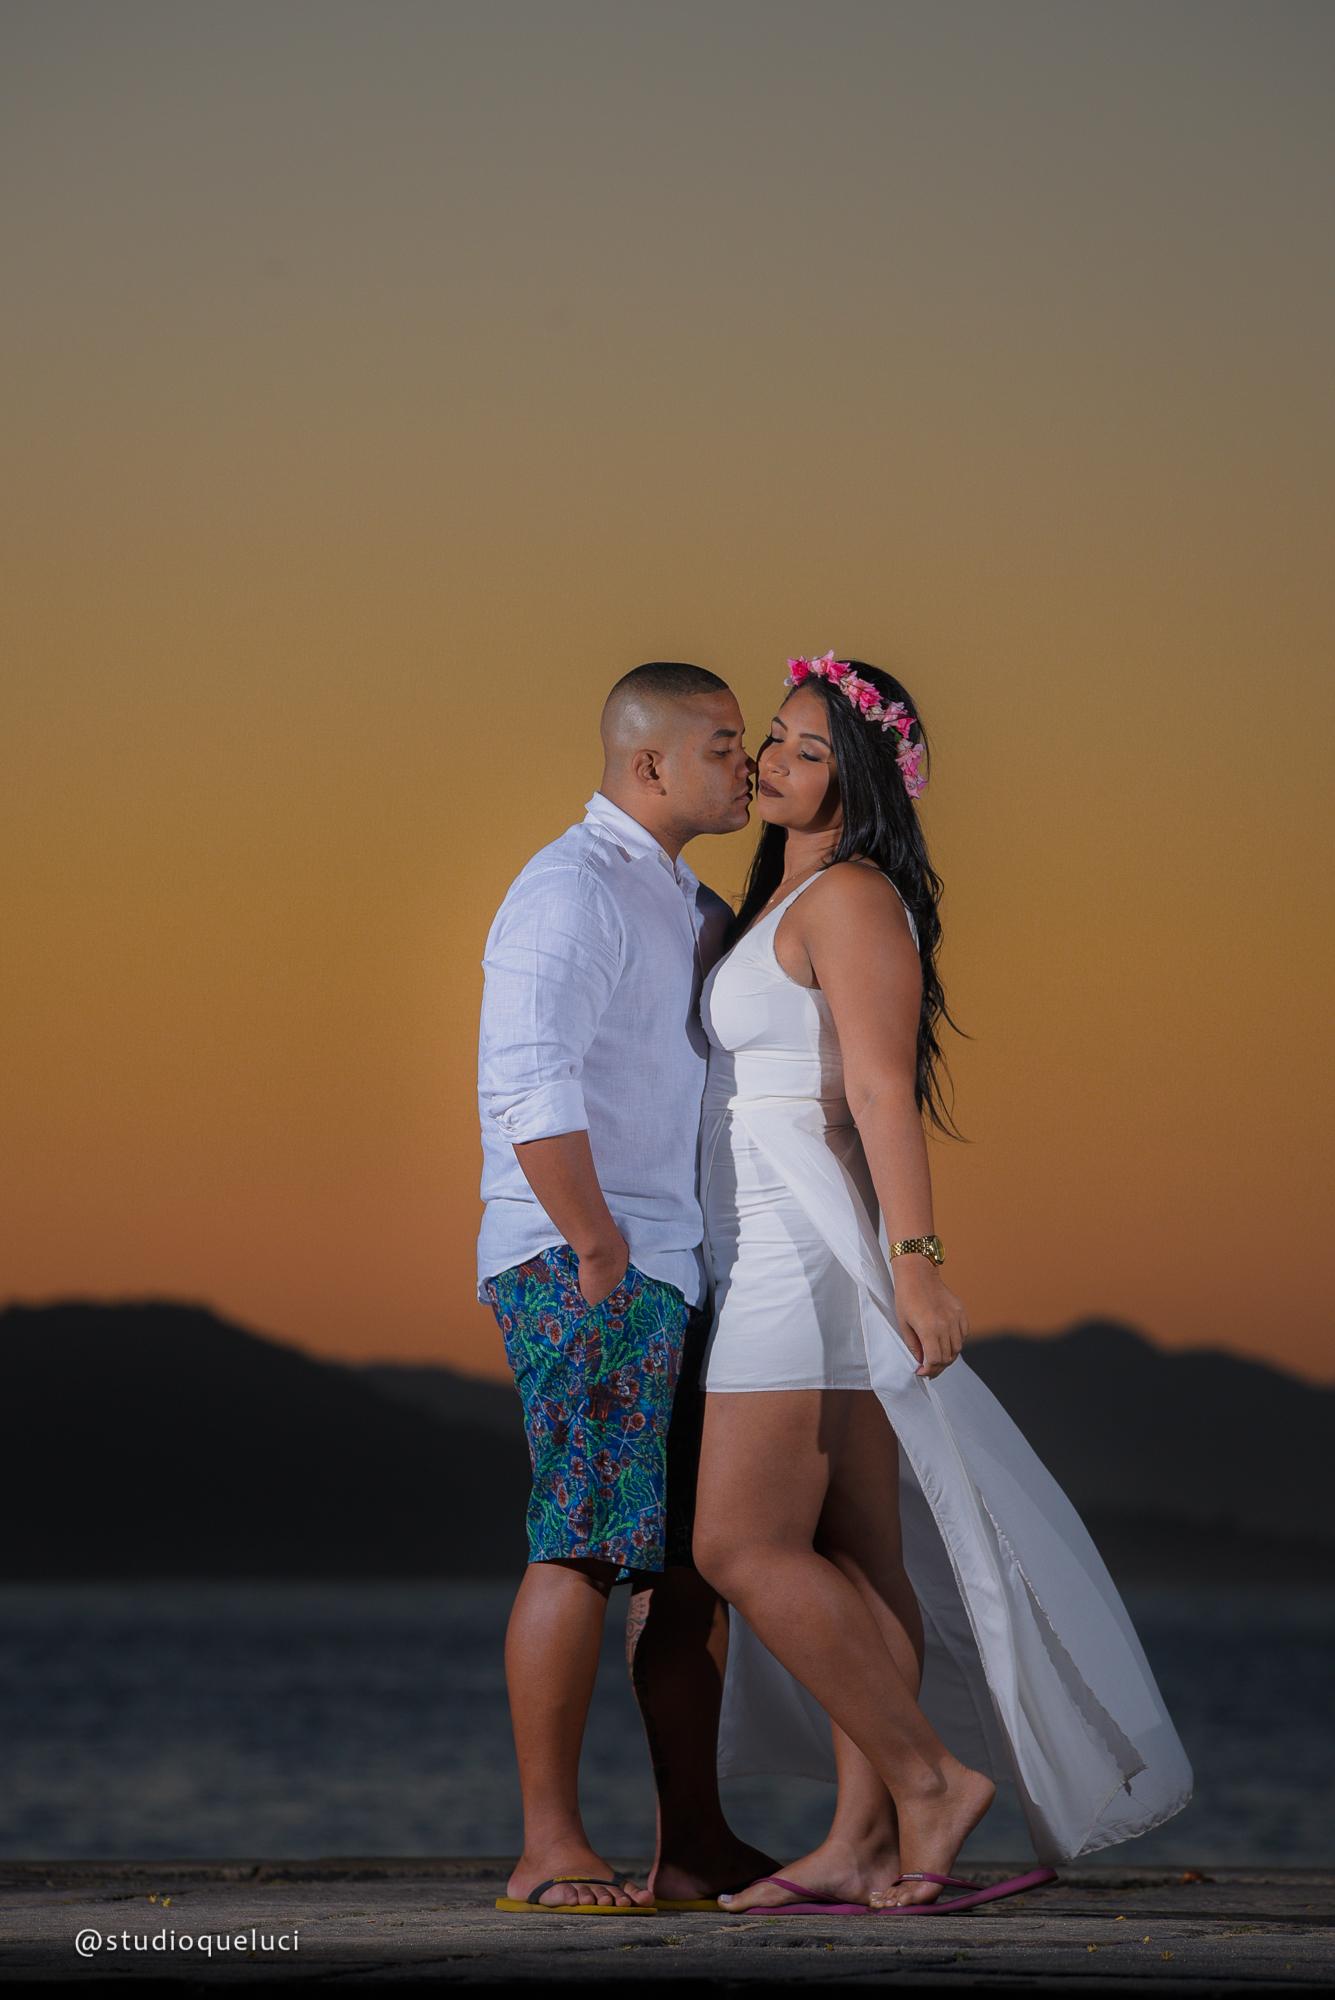 Fotografo de casamento ensaio pre casamento (71)